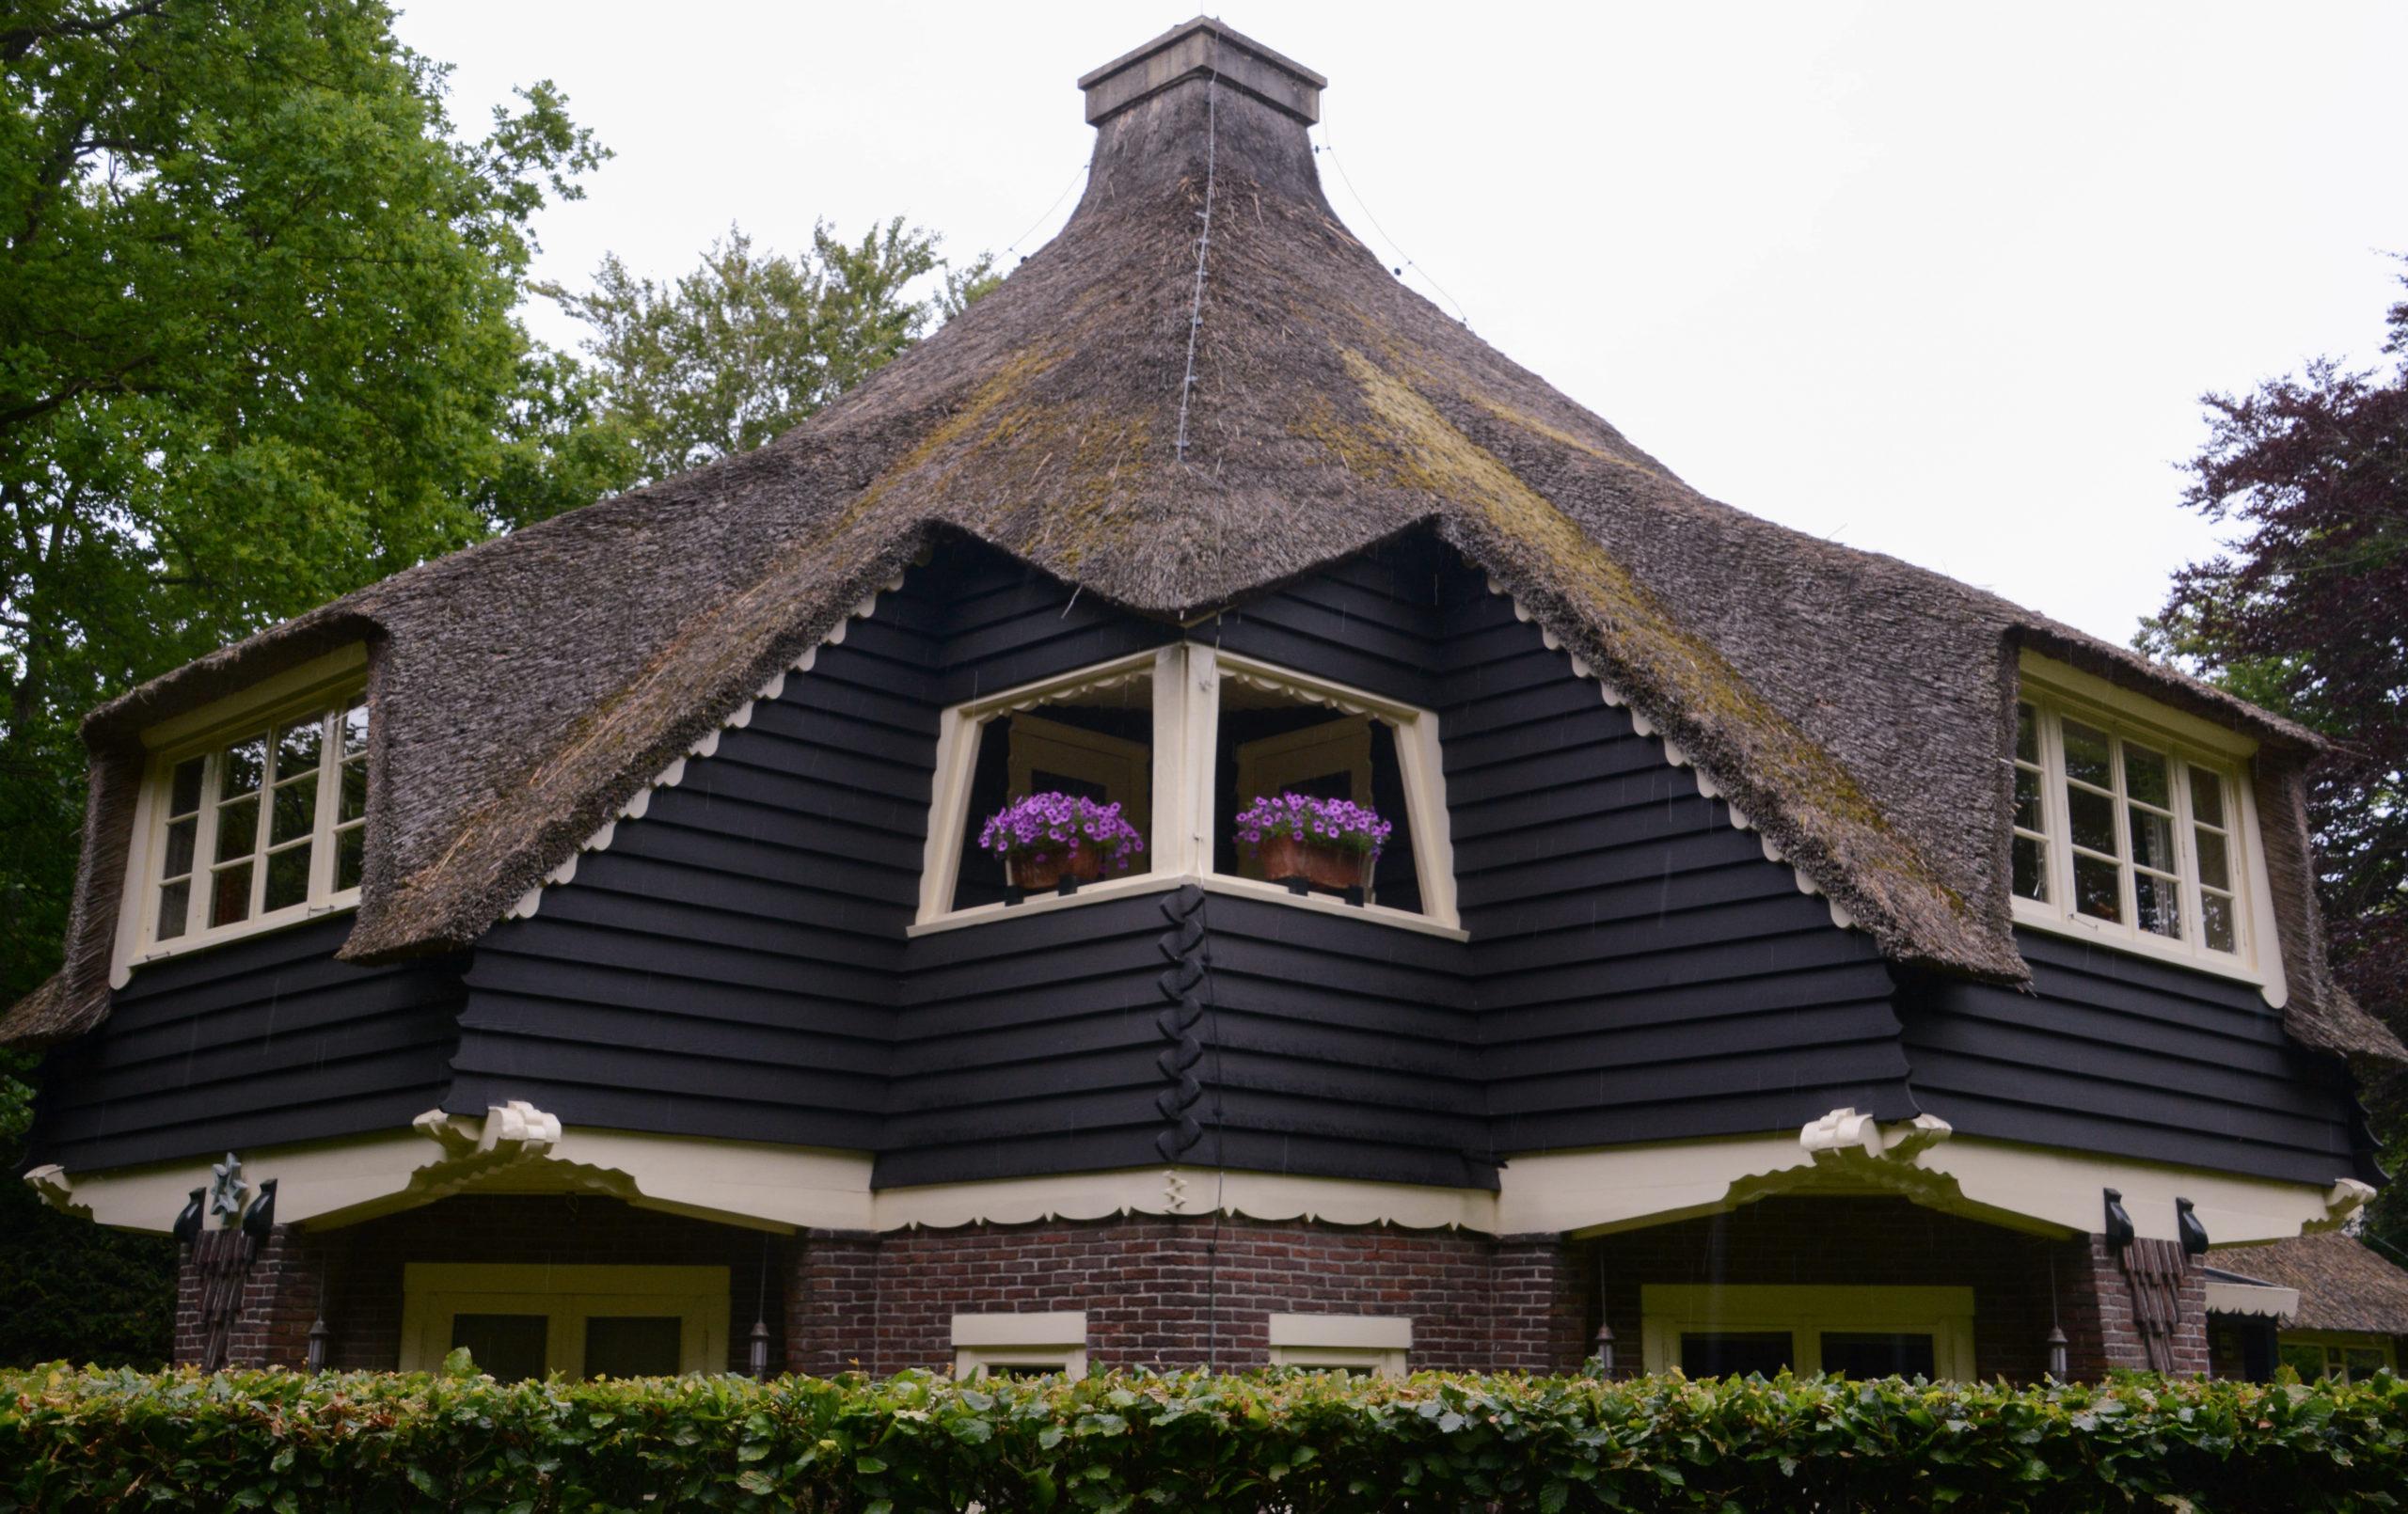 Reetgedeckte Villa in Bergen Nordholland mit Blumenkübeln